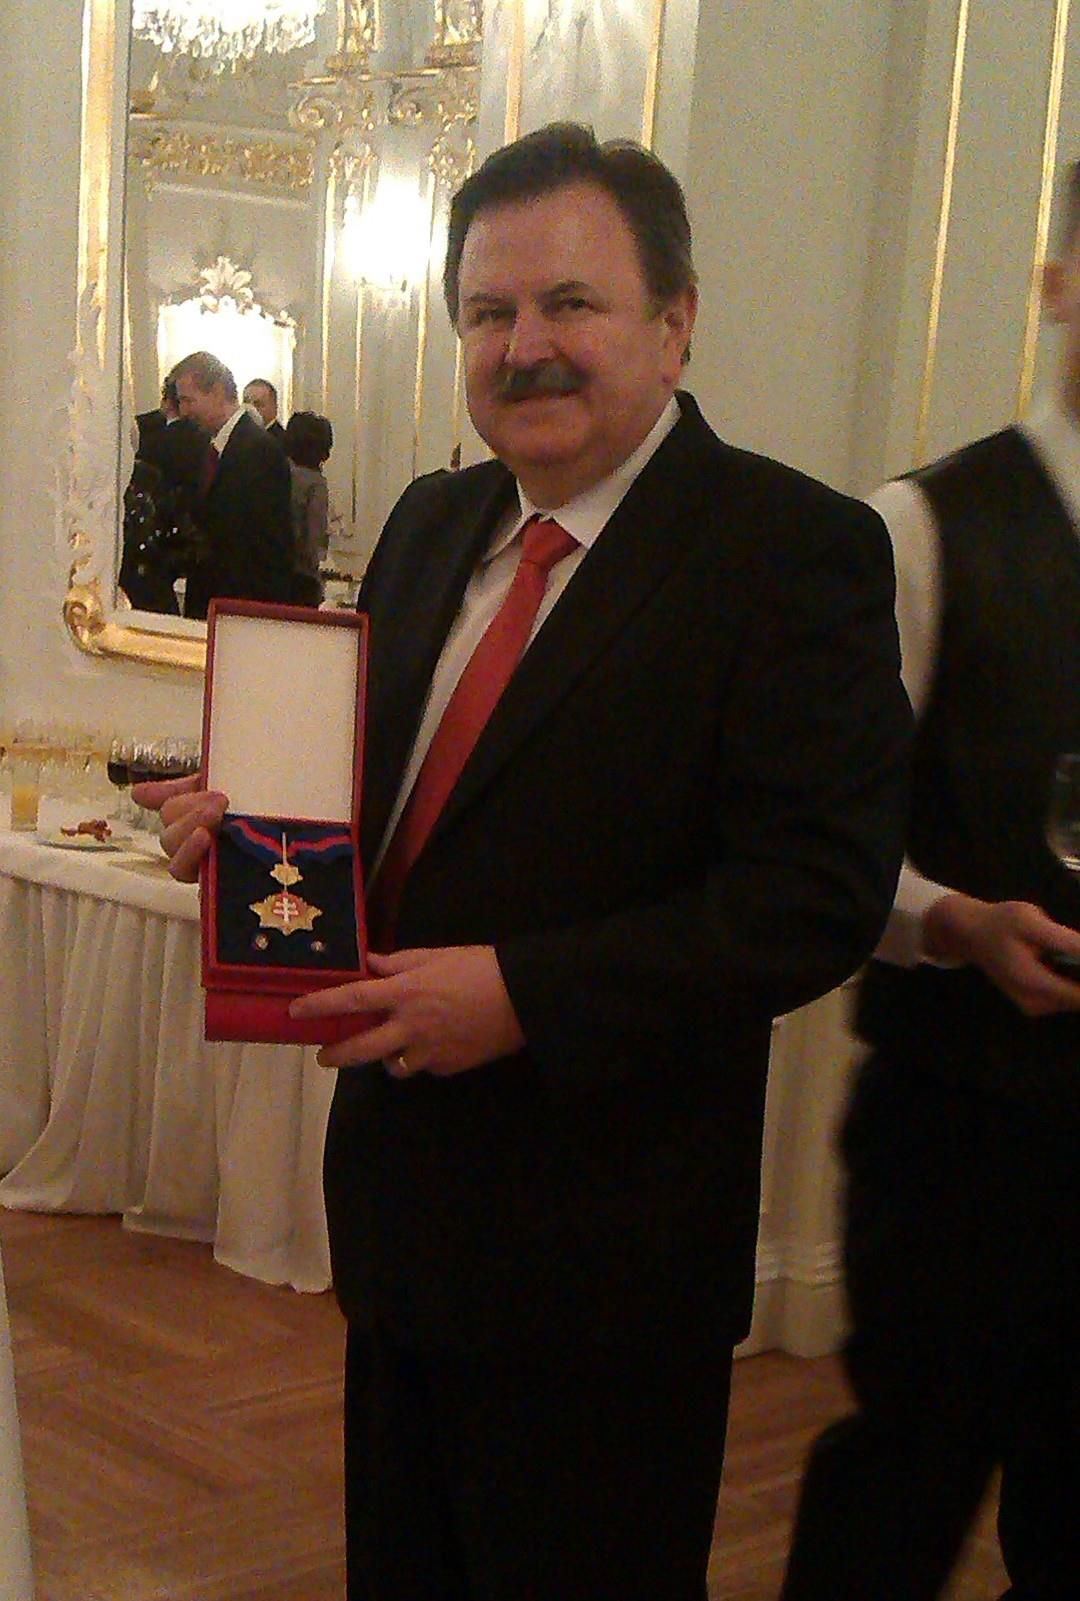 Udelenie štátneho vyznamenania - pán Molitoris